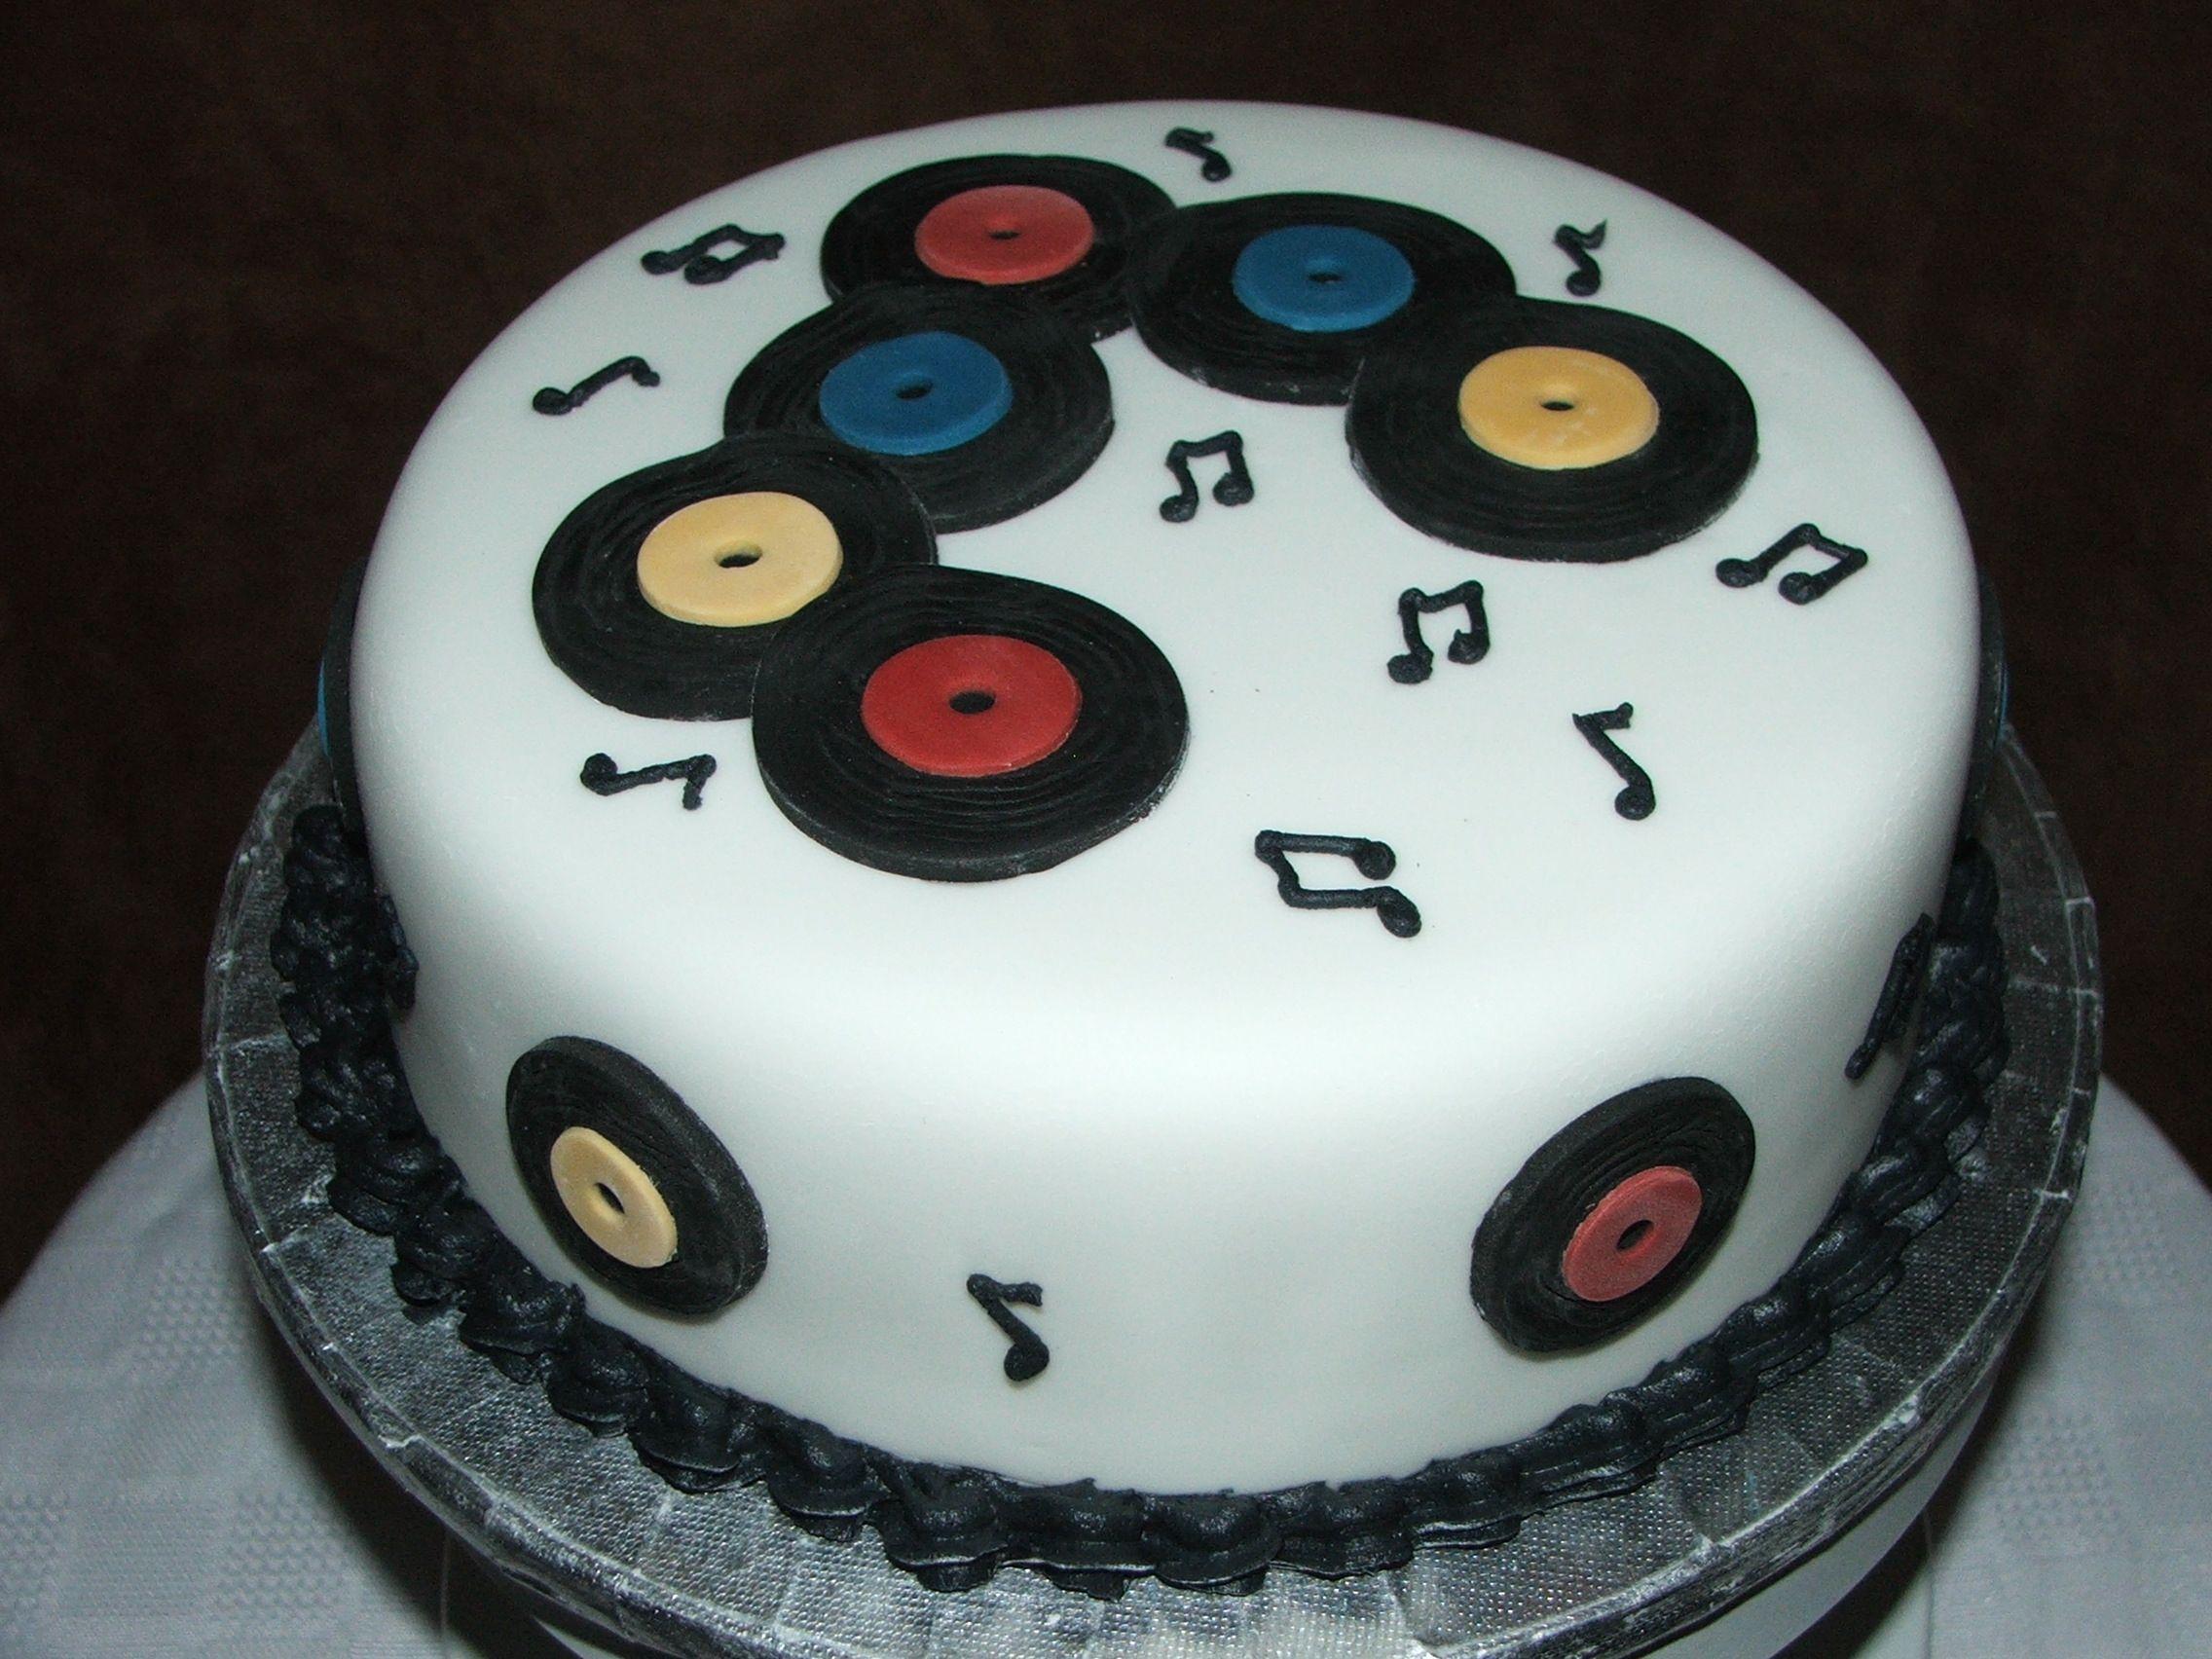 Dj Cake In 2019 Birthday Cake Dj Cake Disco Cake